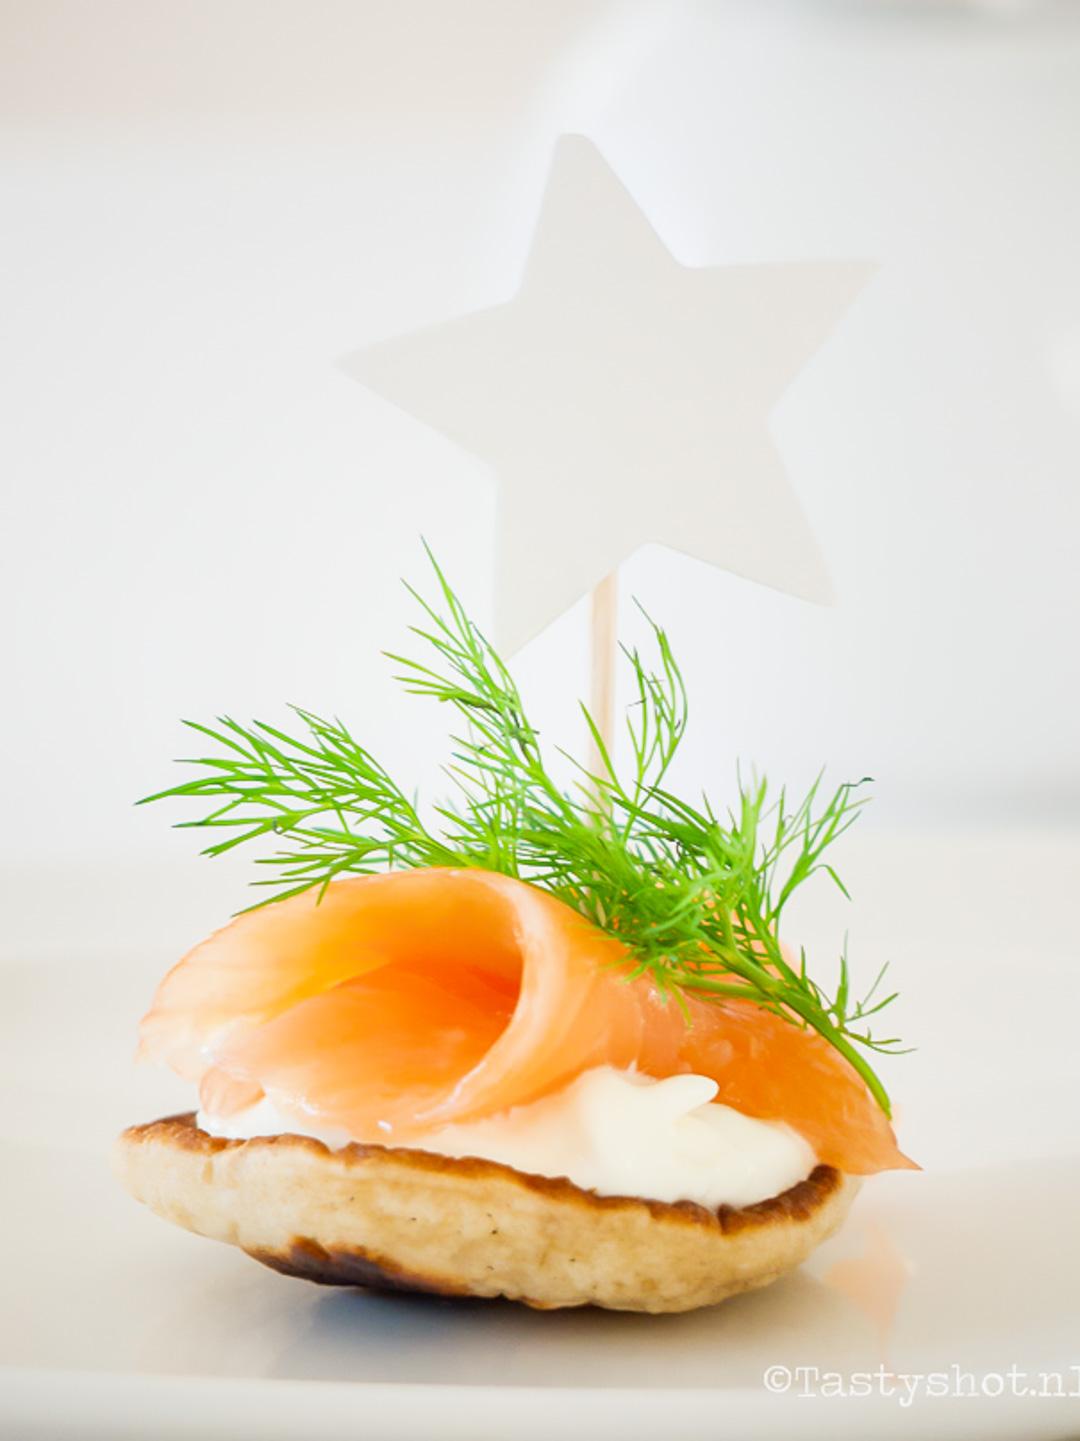 Recept voor Blini met mierikswortelcreme en zalm. Photography: © www.tastyshot.nl